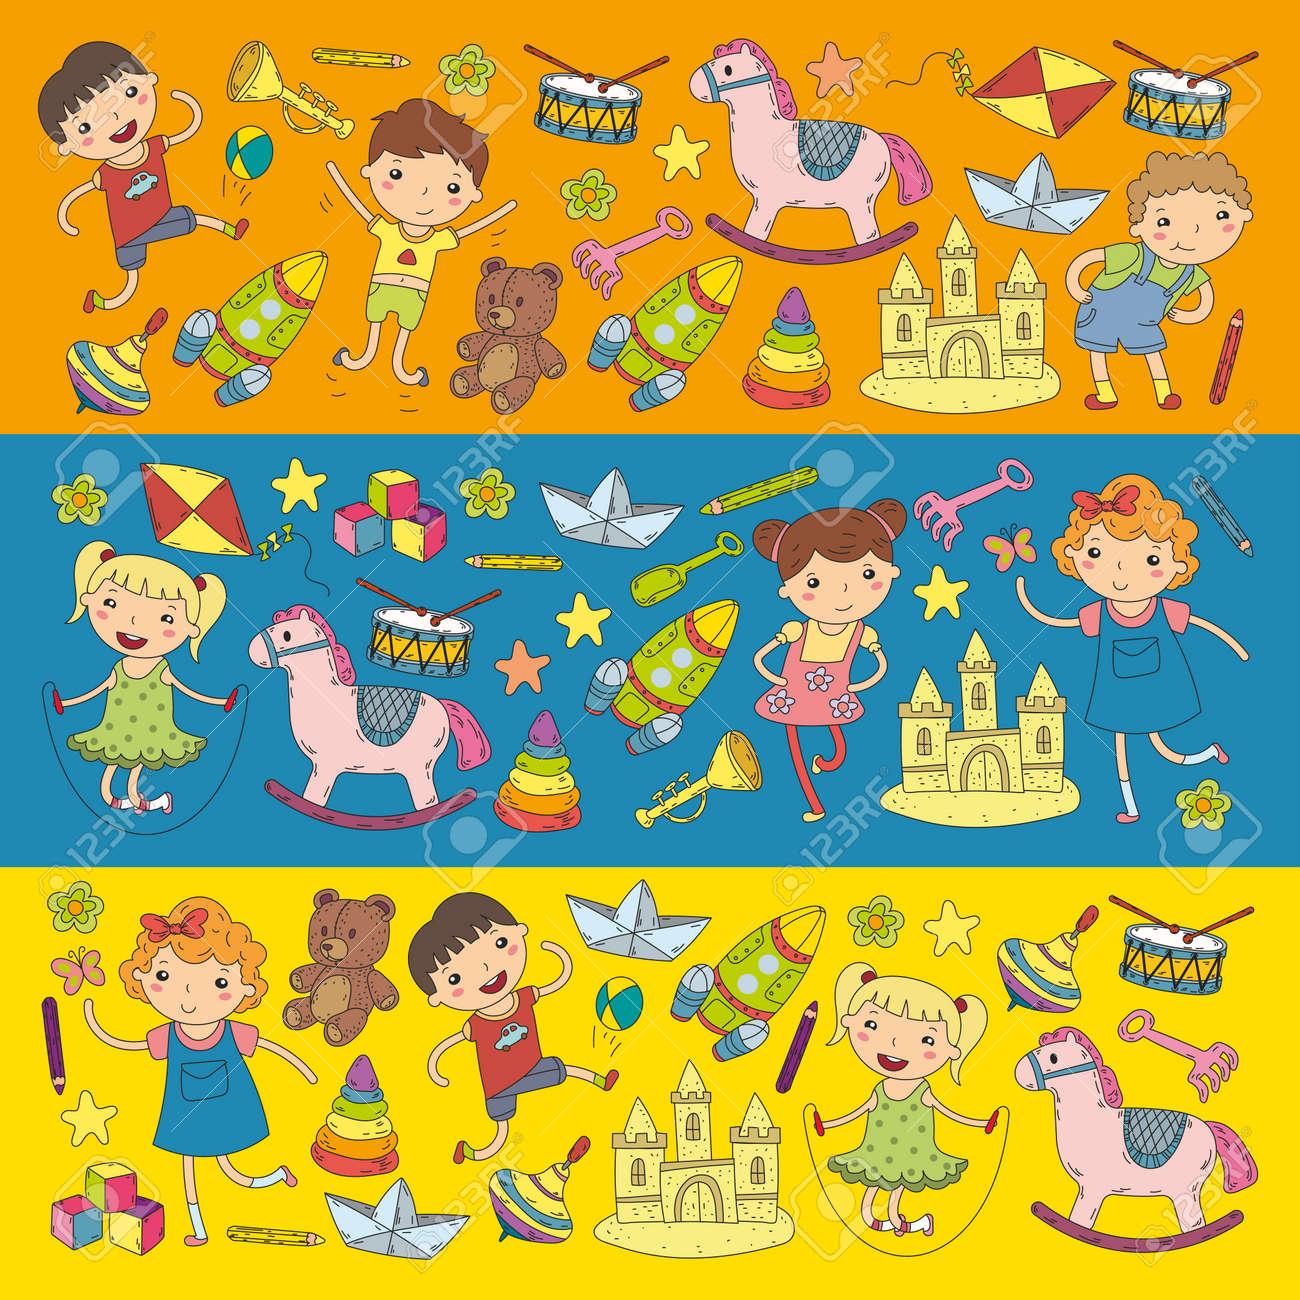 Kindergarten Nursery Preschool School Education With Children ...